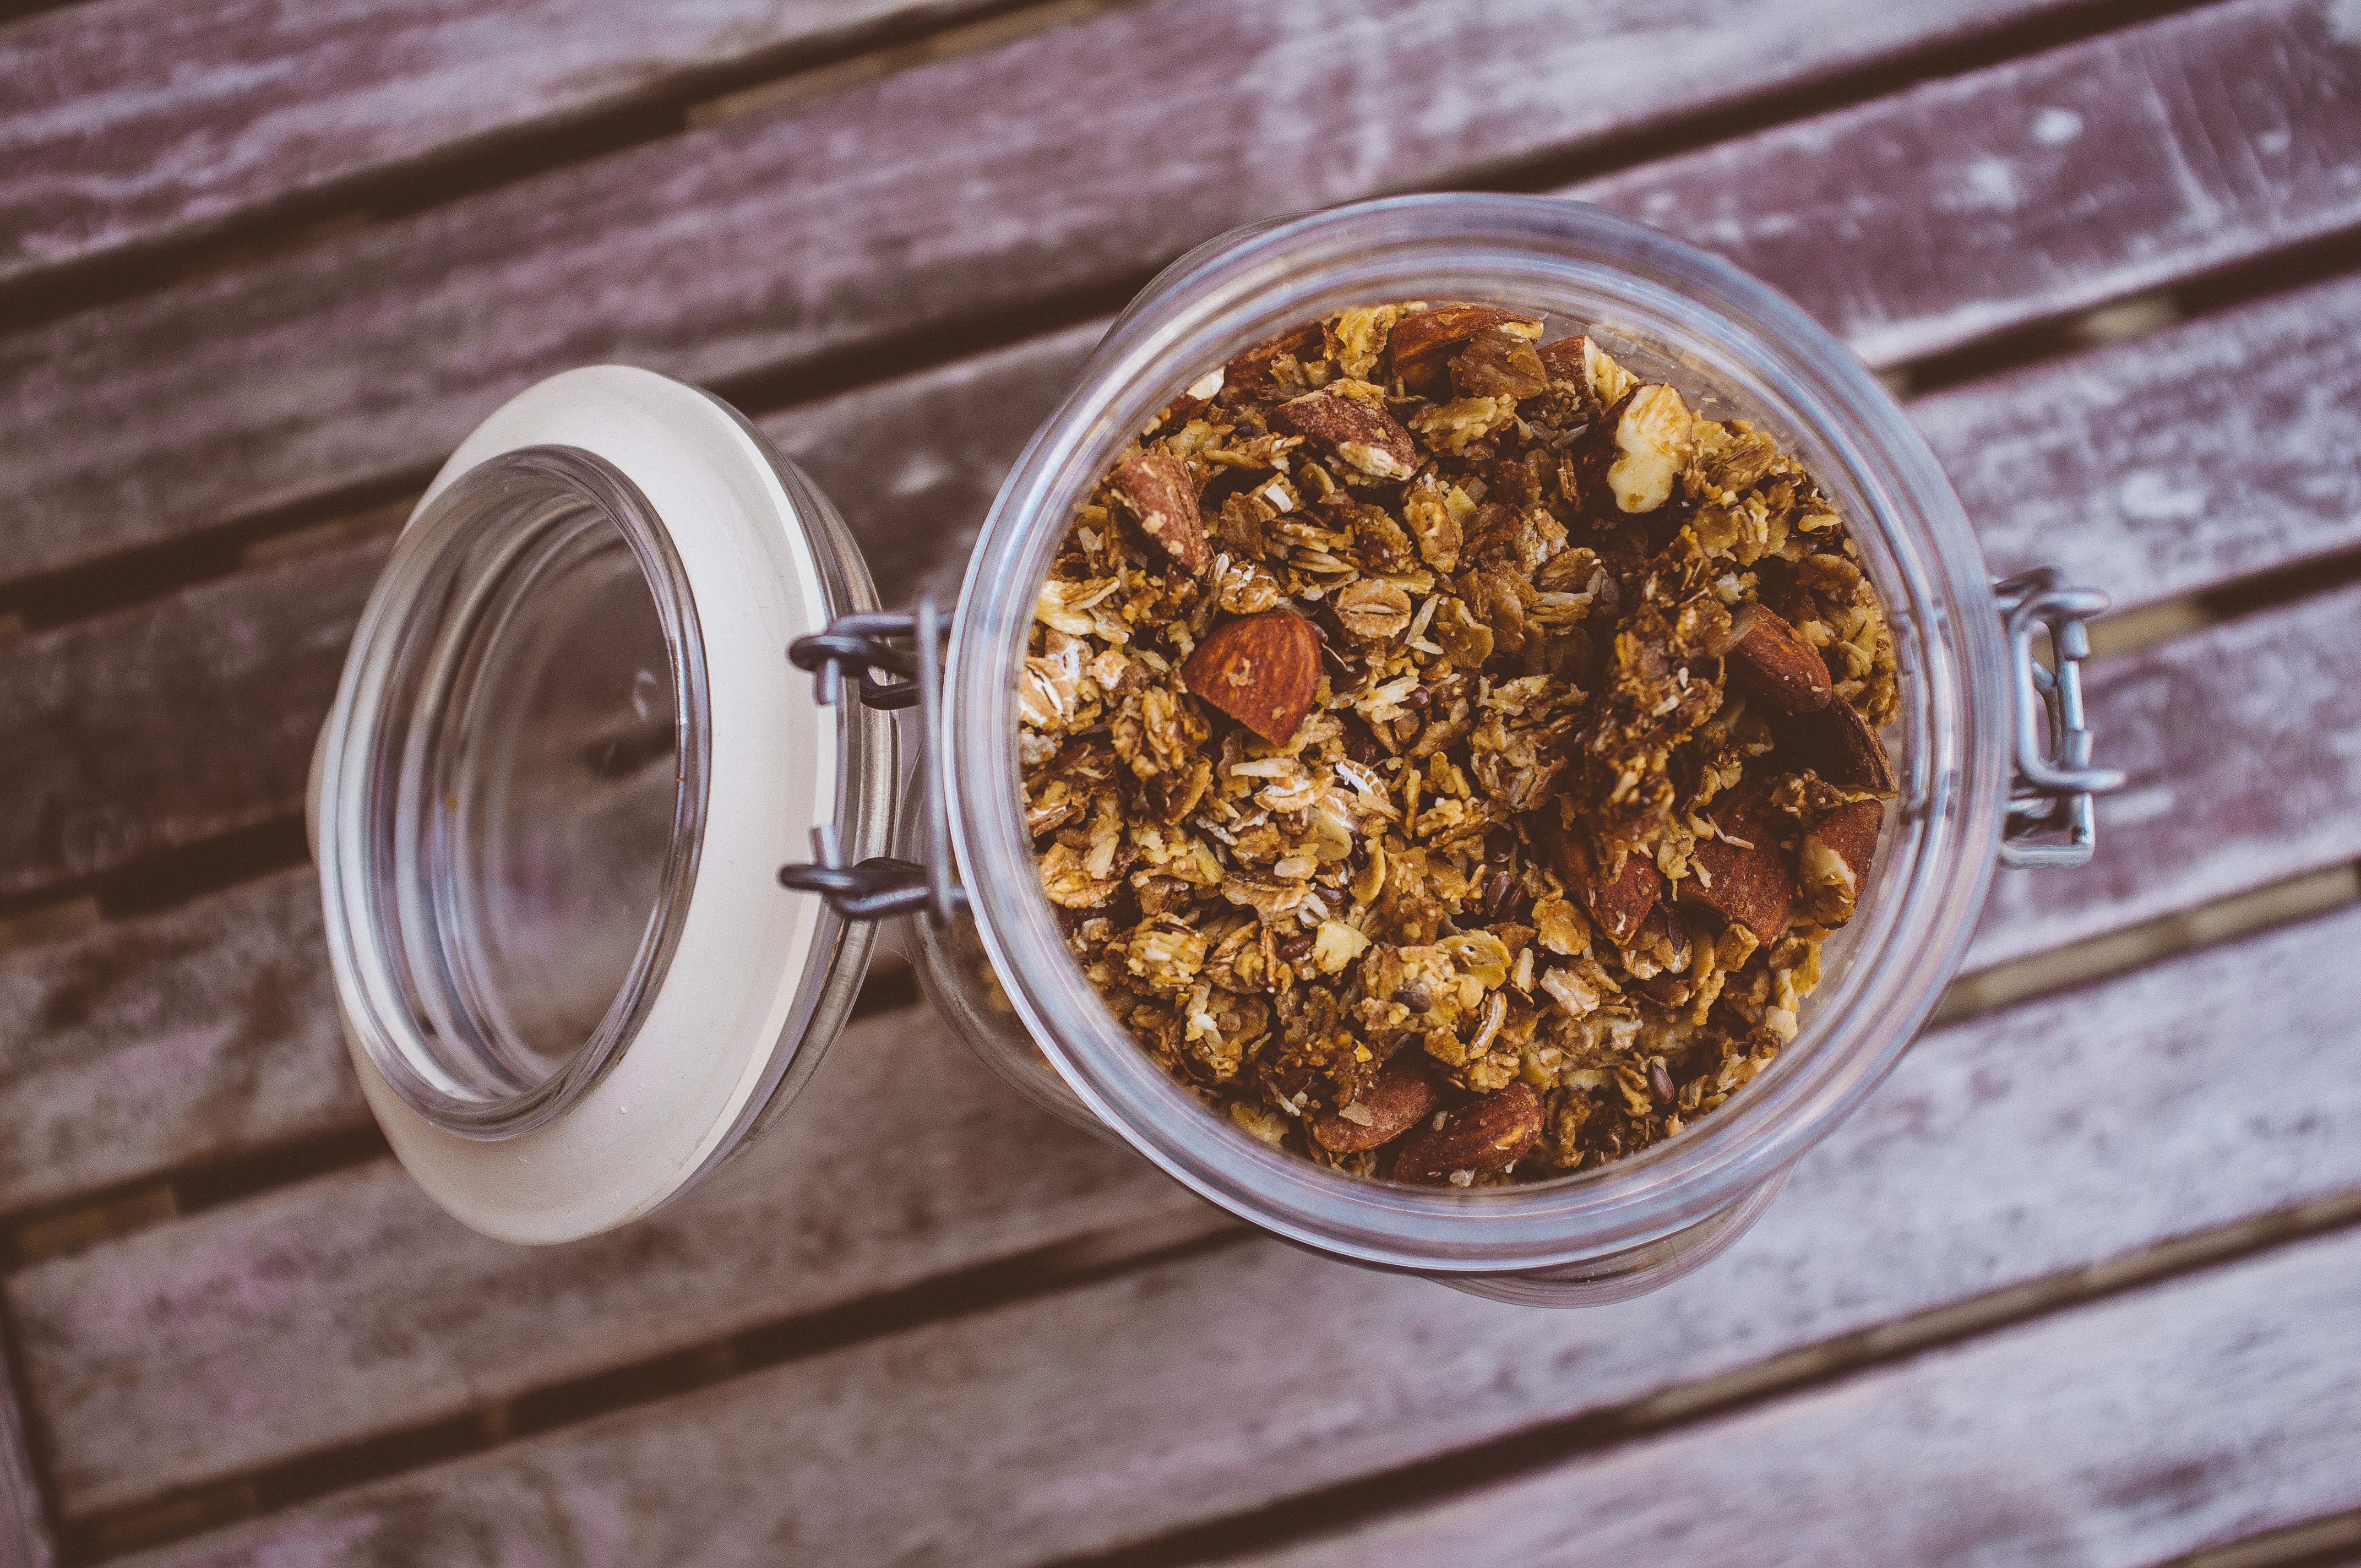 Hemgjord granola med råg, havre, mandel och kokossocker.